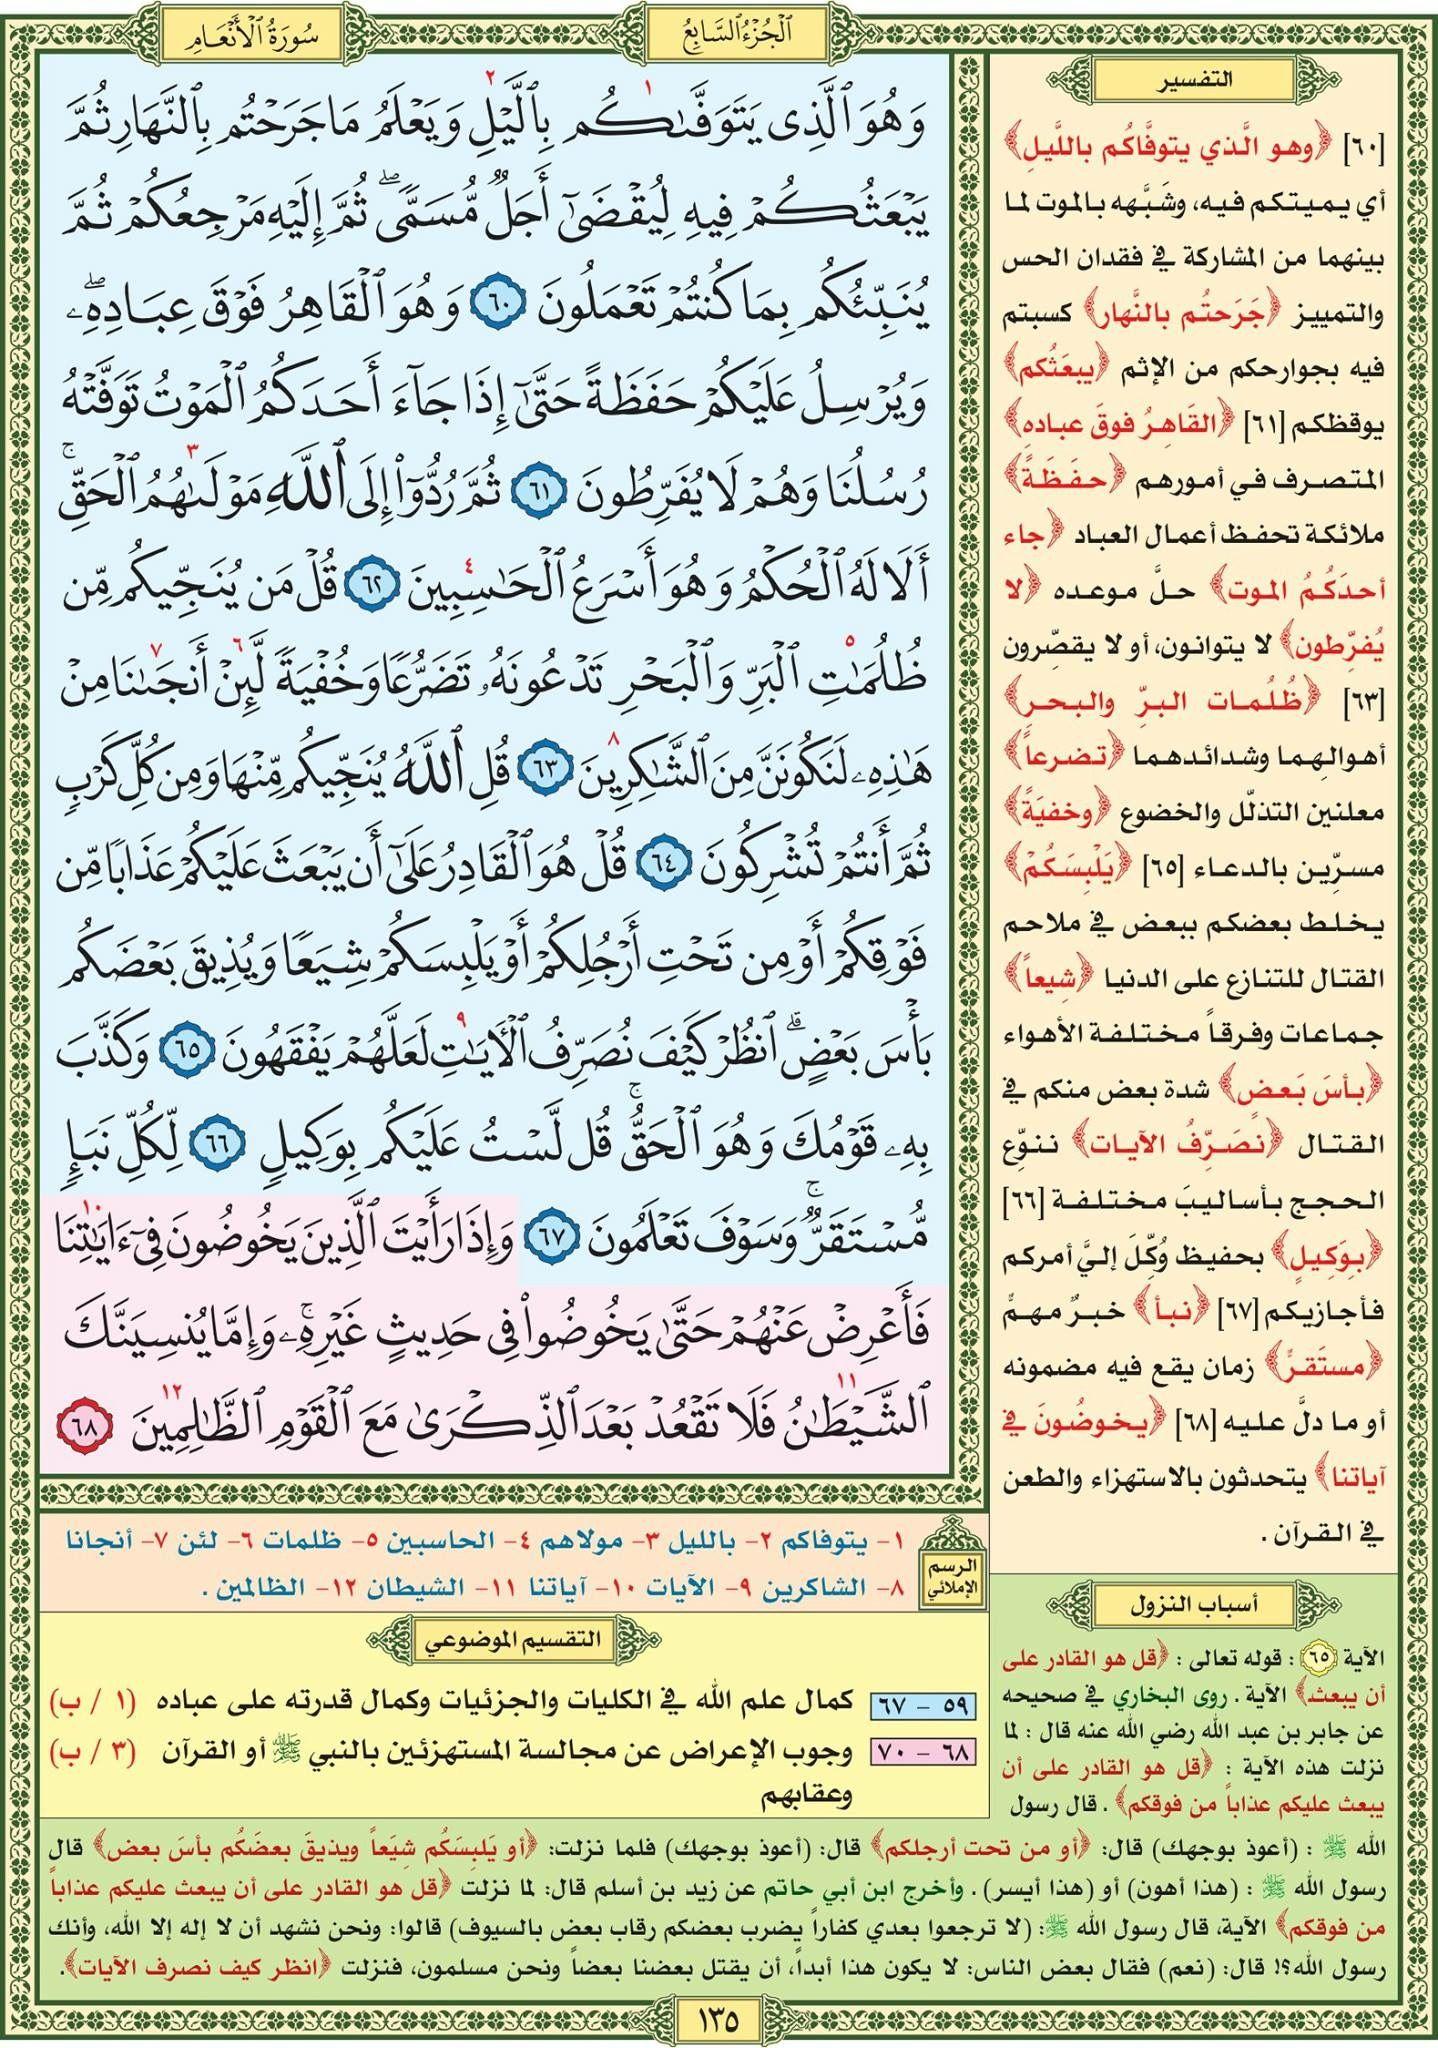 سورة الأنعام صفحة ١٣٥ مصحف التقسيم الموضوعي للحافظ المتقن Quran Verses Quran Verses